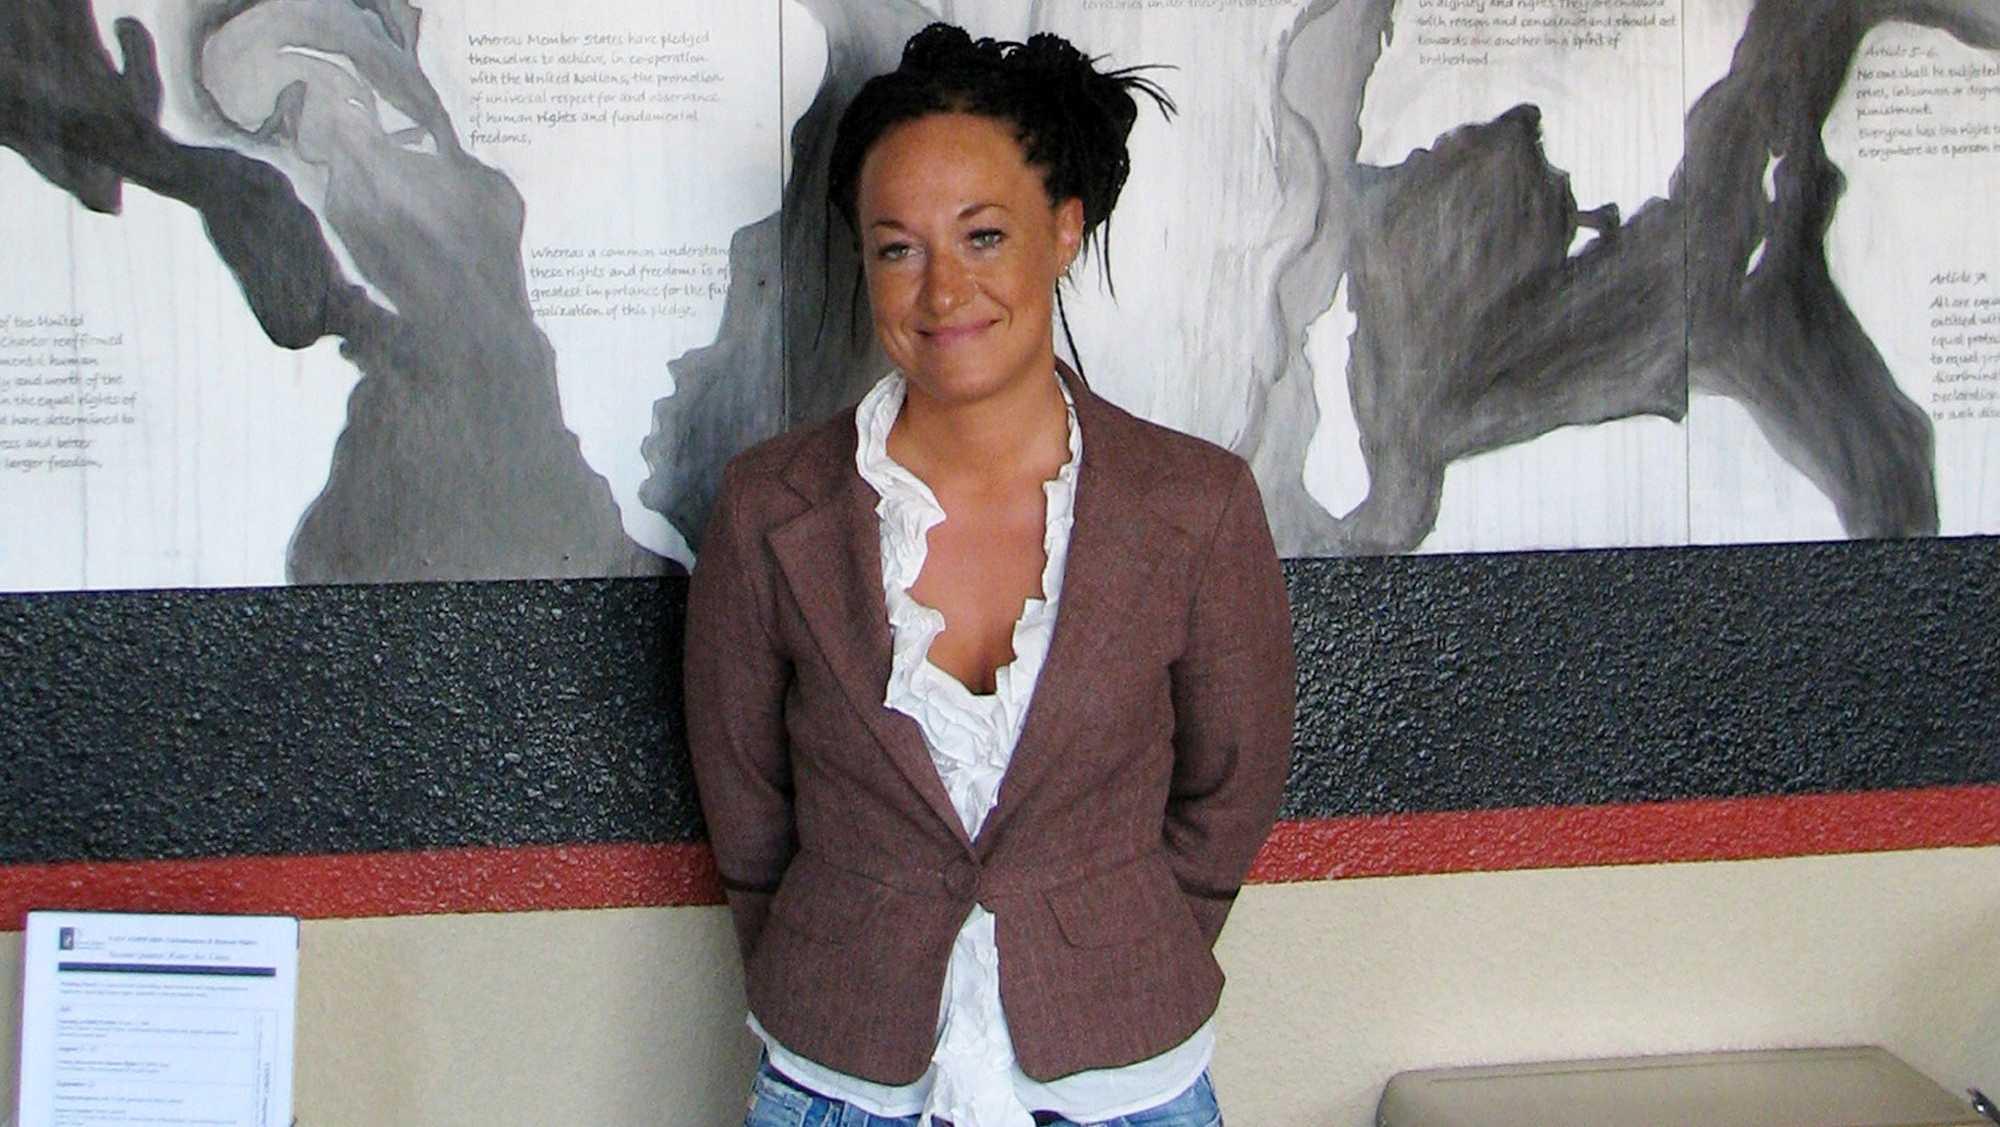 Rachel Dolezal